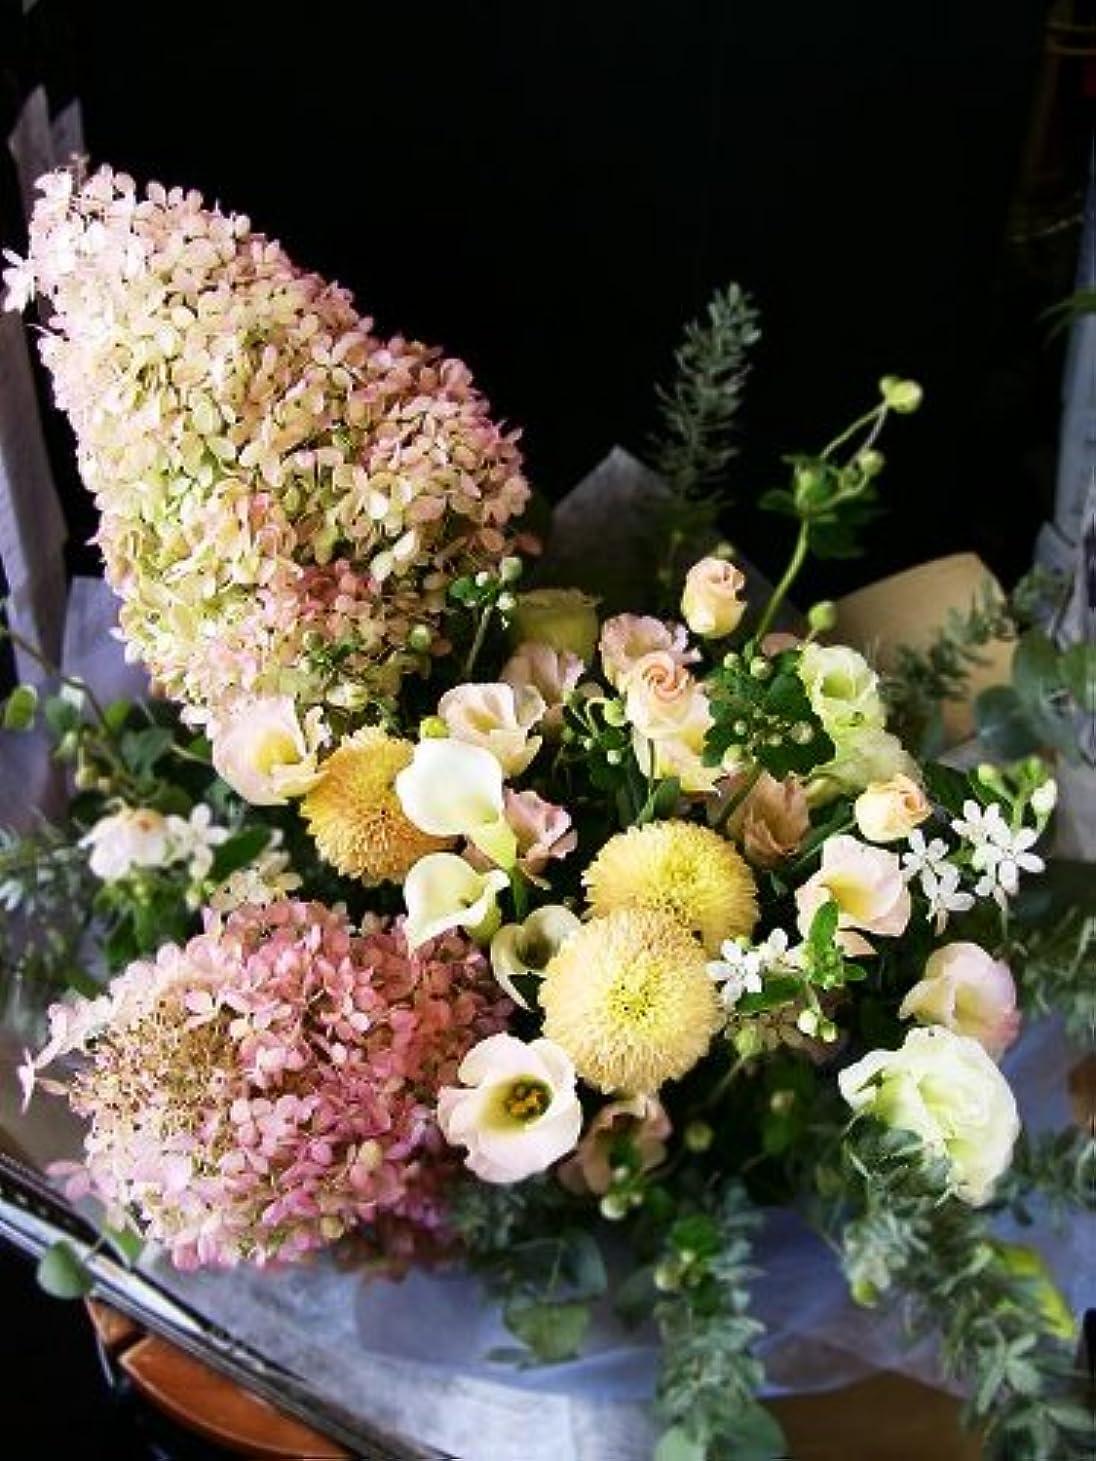 繁殖即席呼び出す【パリスタイルの花屋】水無月と小花のアレンジメント 【開店祝い?個展開催のお祝い?楽屋見舞いなど 各種お祝い?記念日に】